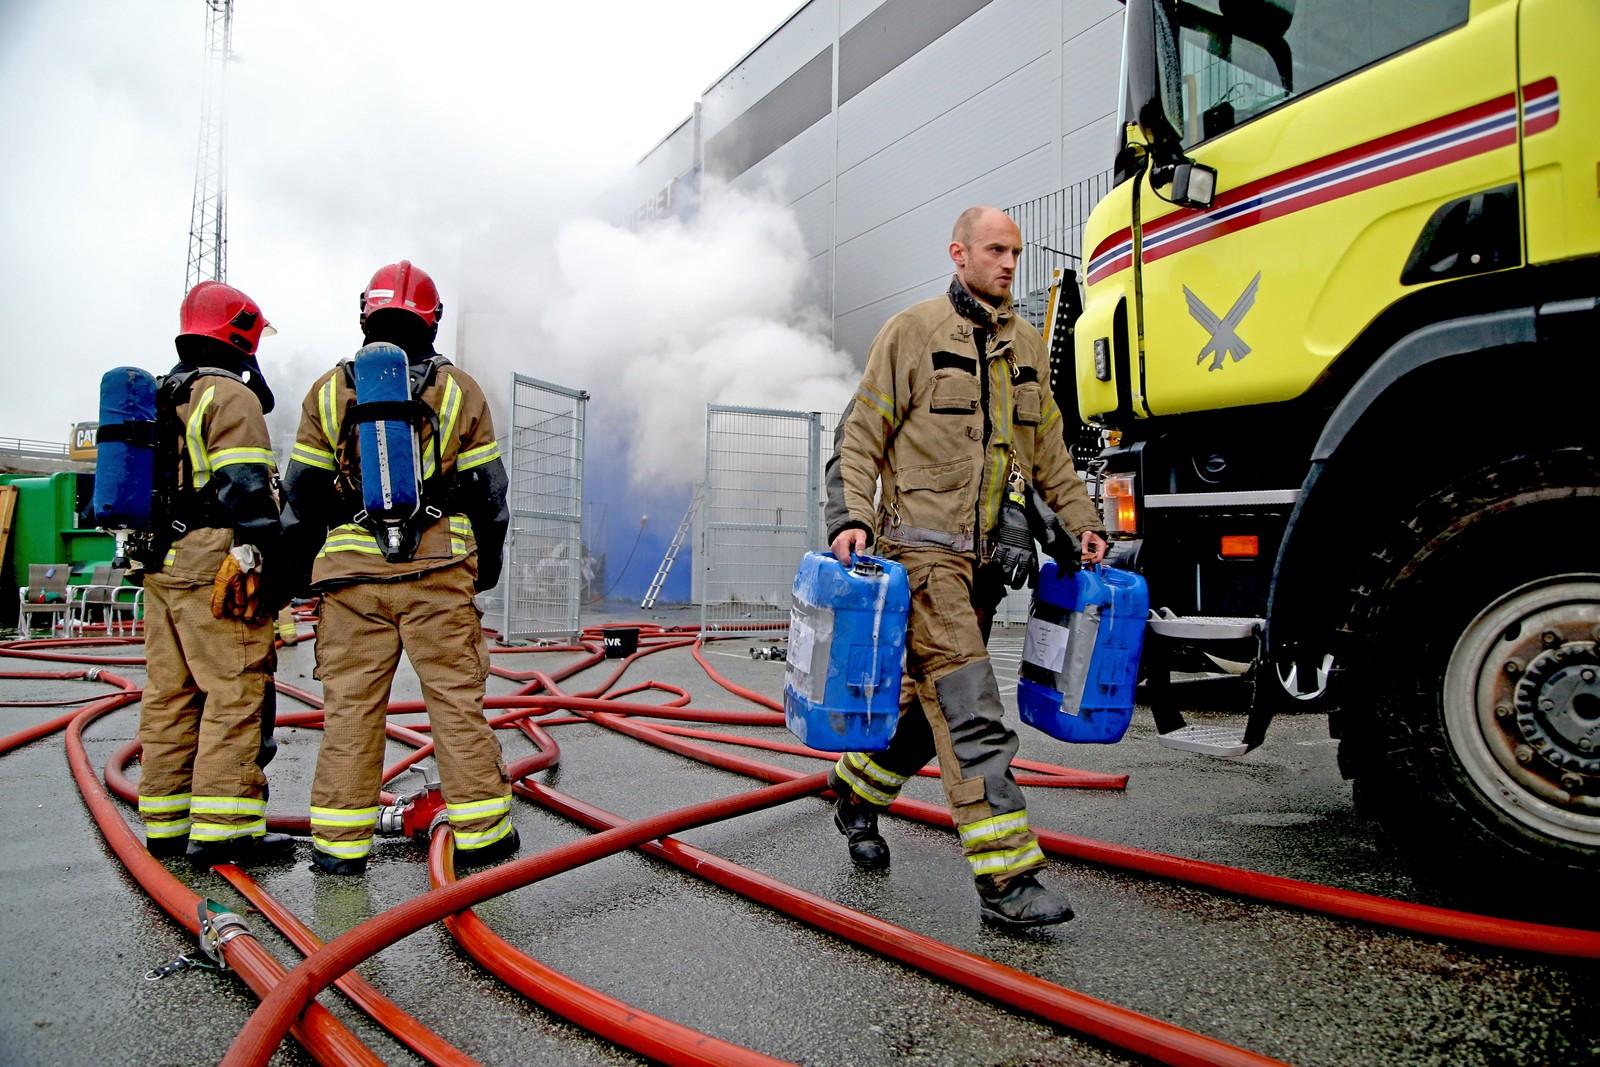 Brannvesenet har fått hentet inn ekstra brannmannskaper fra Bodø hovedflystasjon og fra nabokommunen Fauske.